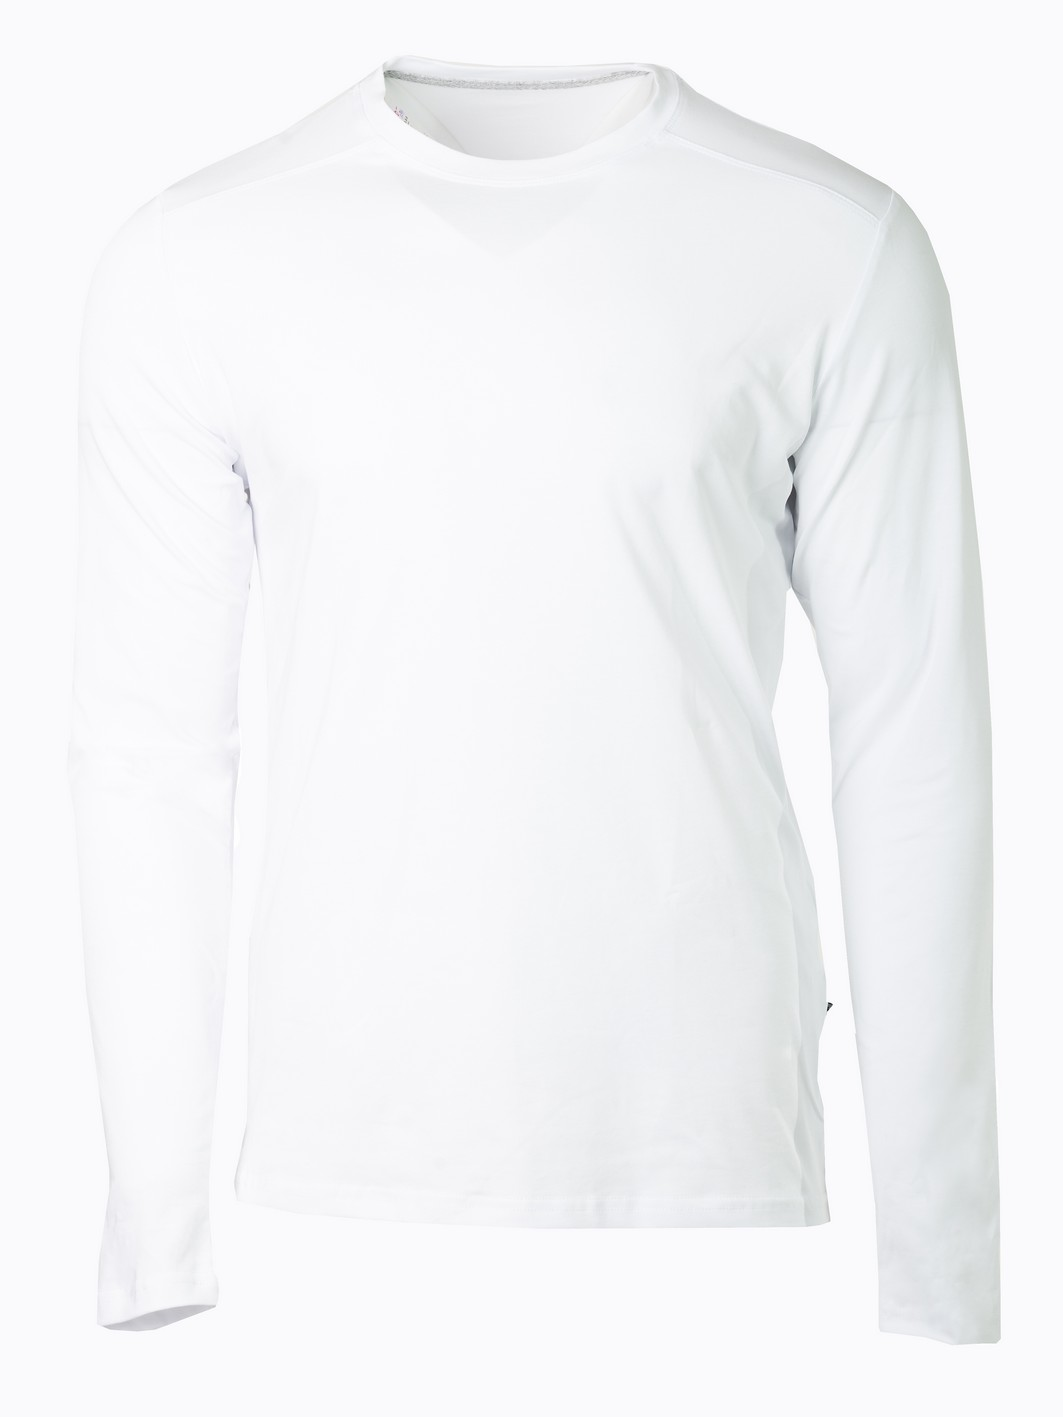 muška majica dugi rukav bela